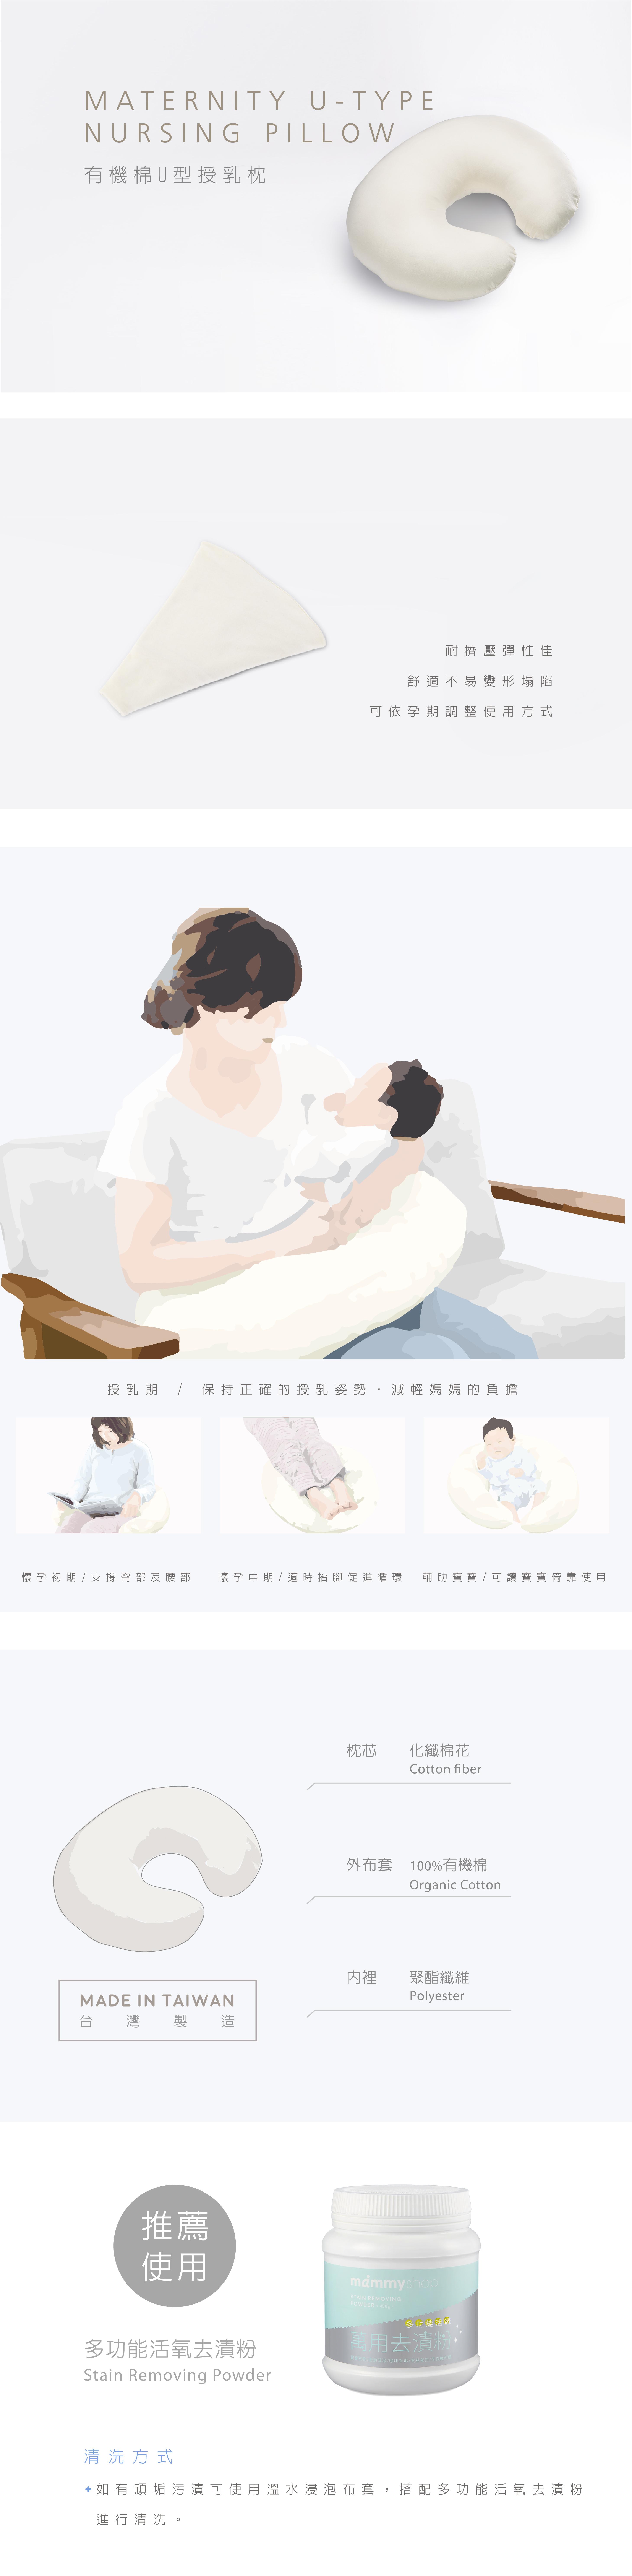 U型授乳枕-有機棉-商品介紹-2